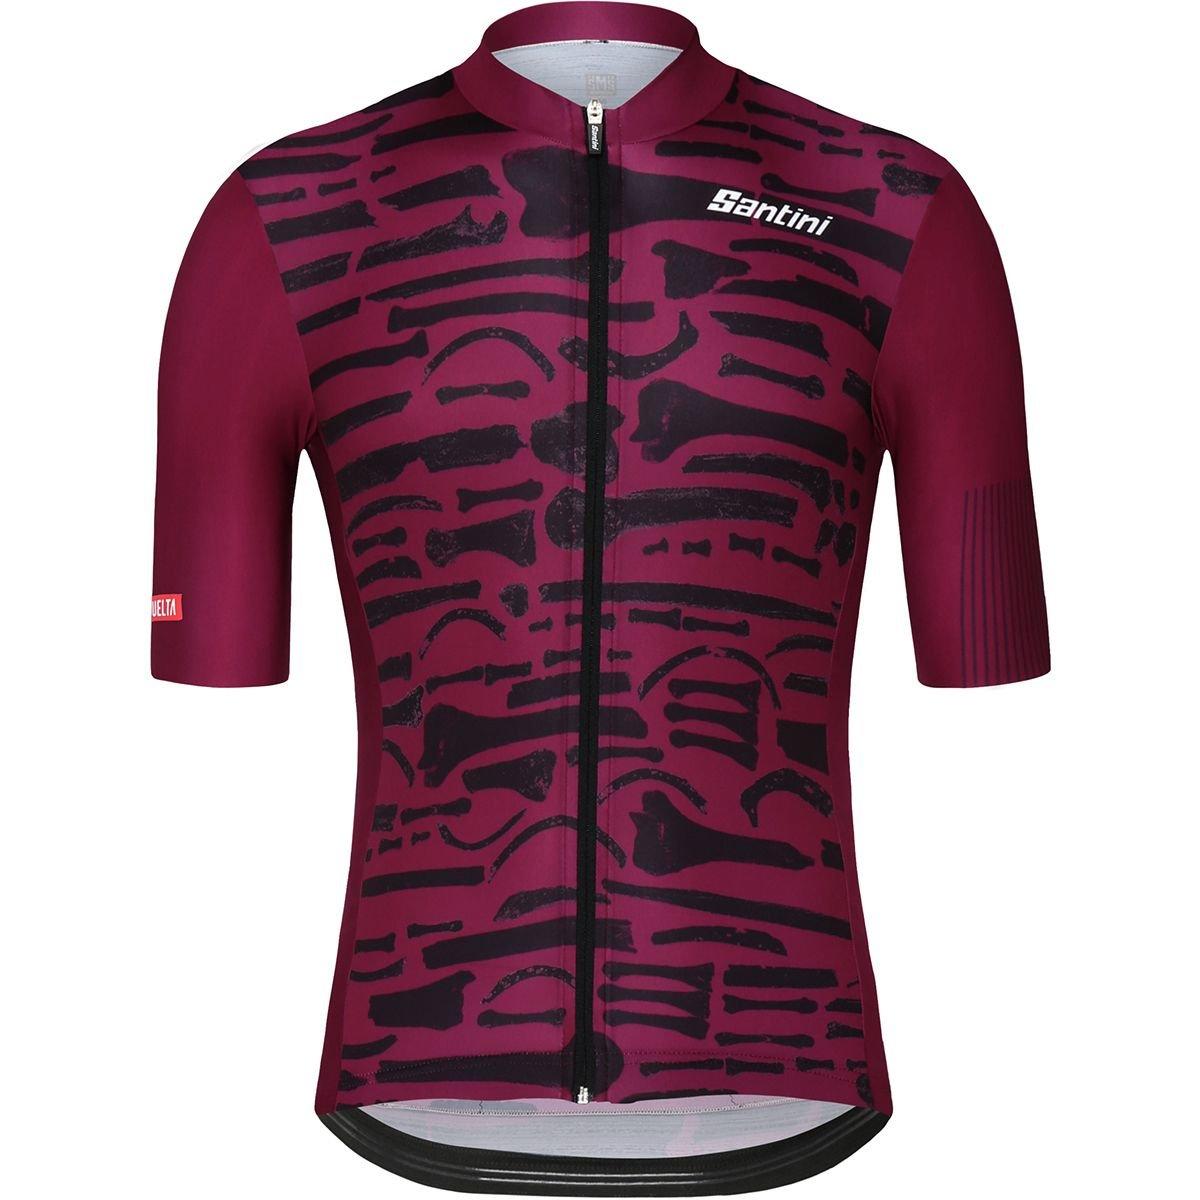 正規通販 Santini La huesera huesera Rider – Jersey – Men 's Large Jersey 1色 B07FF4BNQB, ハイベル オンラインショップ:58ecafa9 --- martinemoeykens-com.access.secure-ssl-servers.info